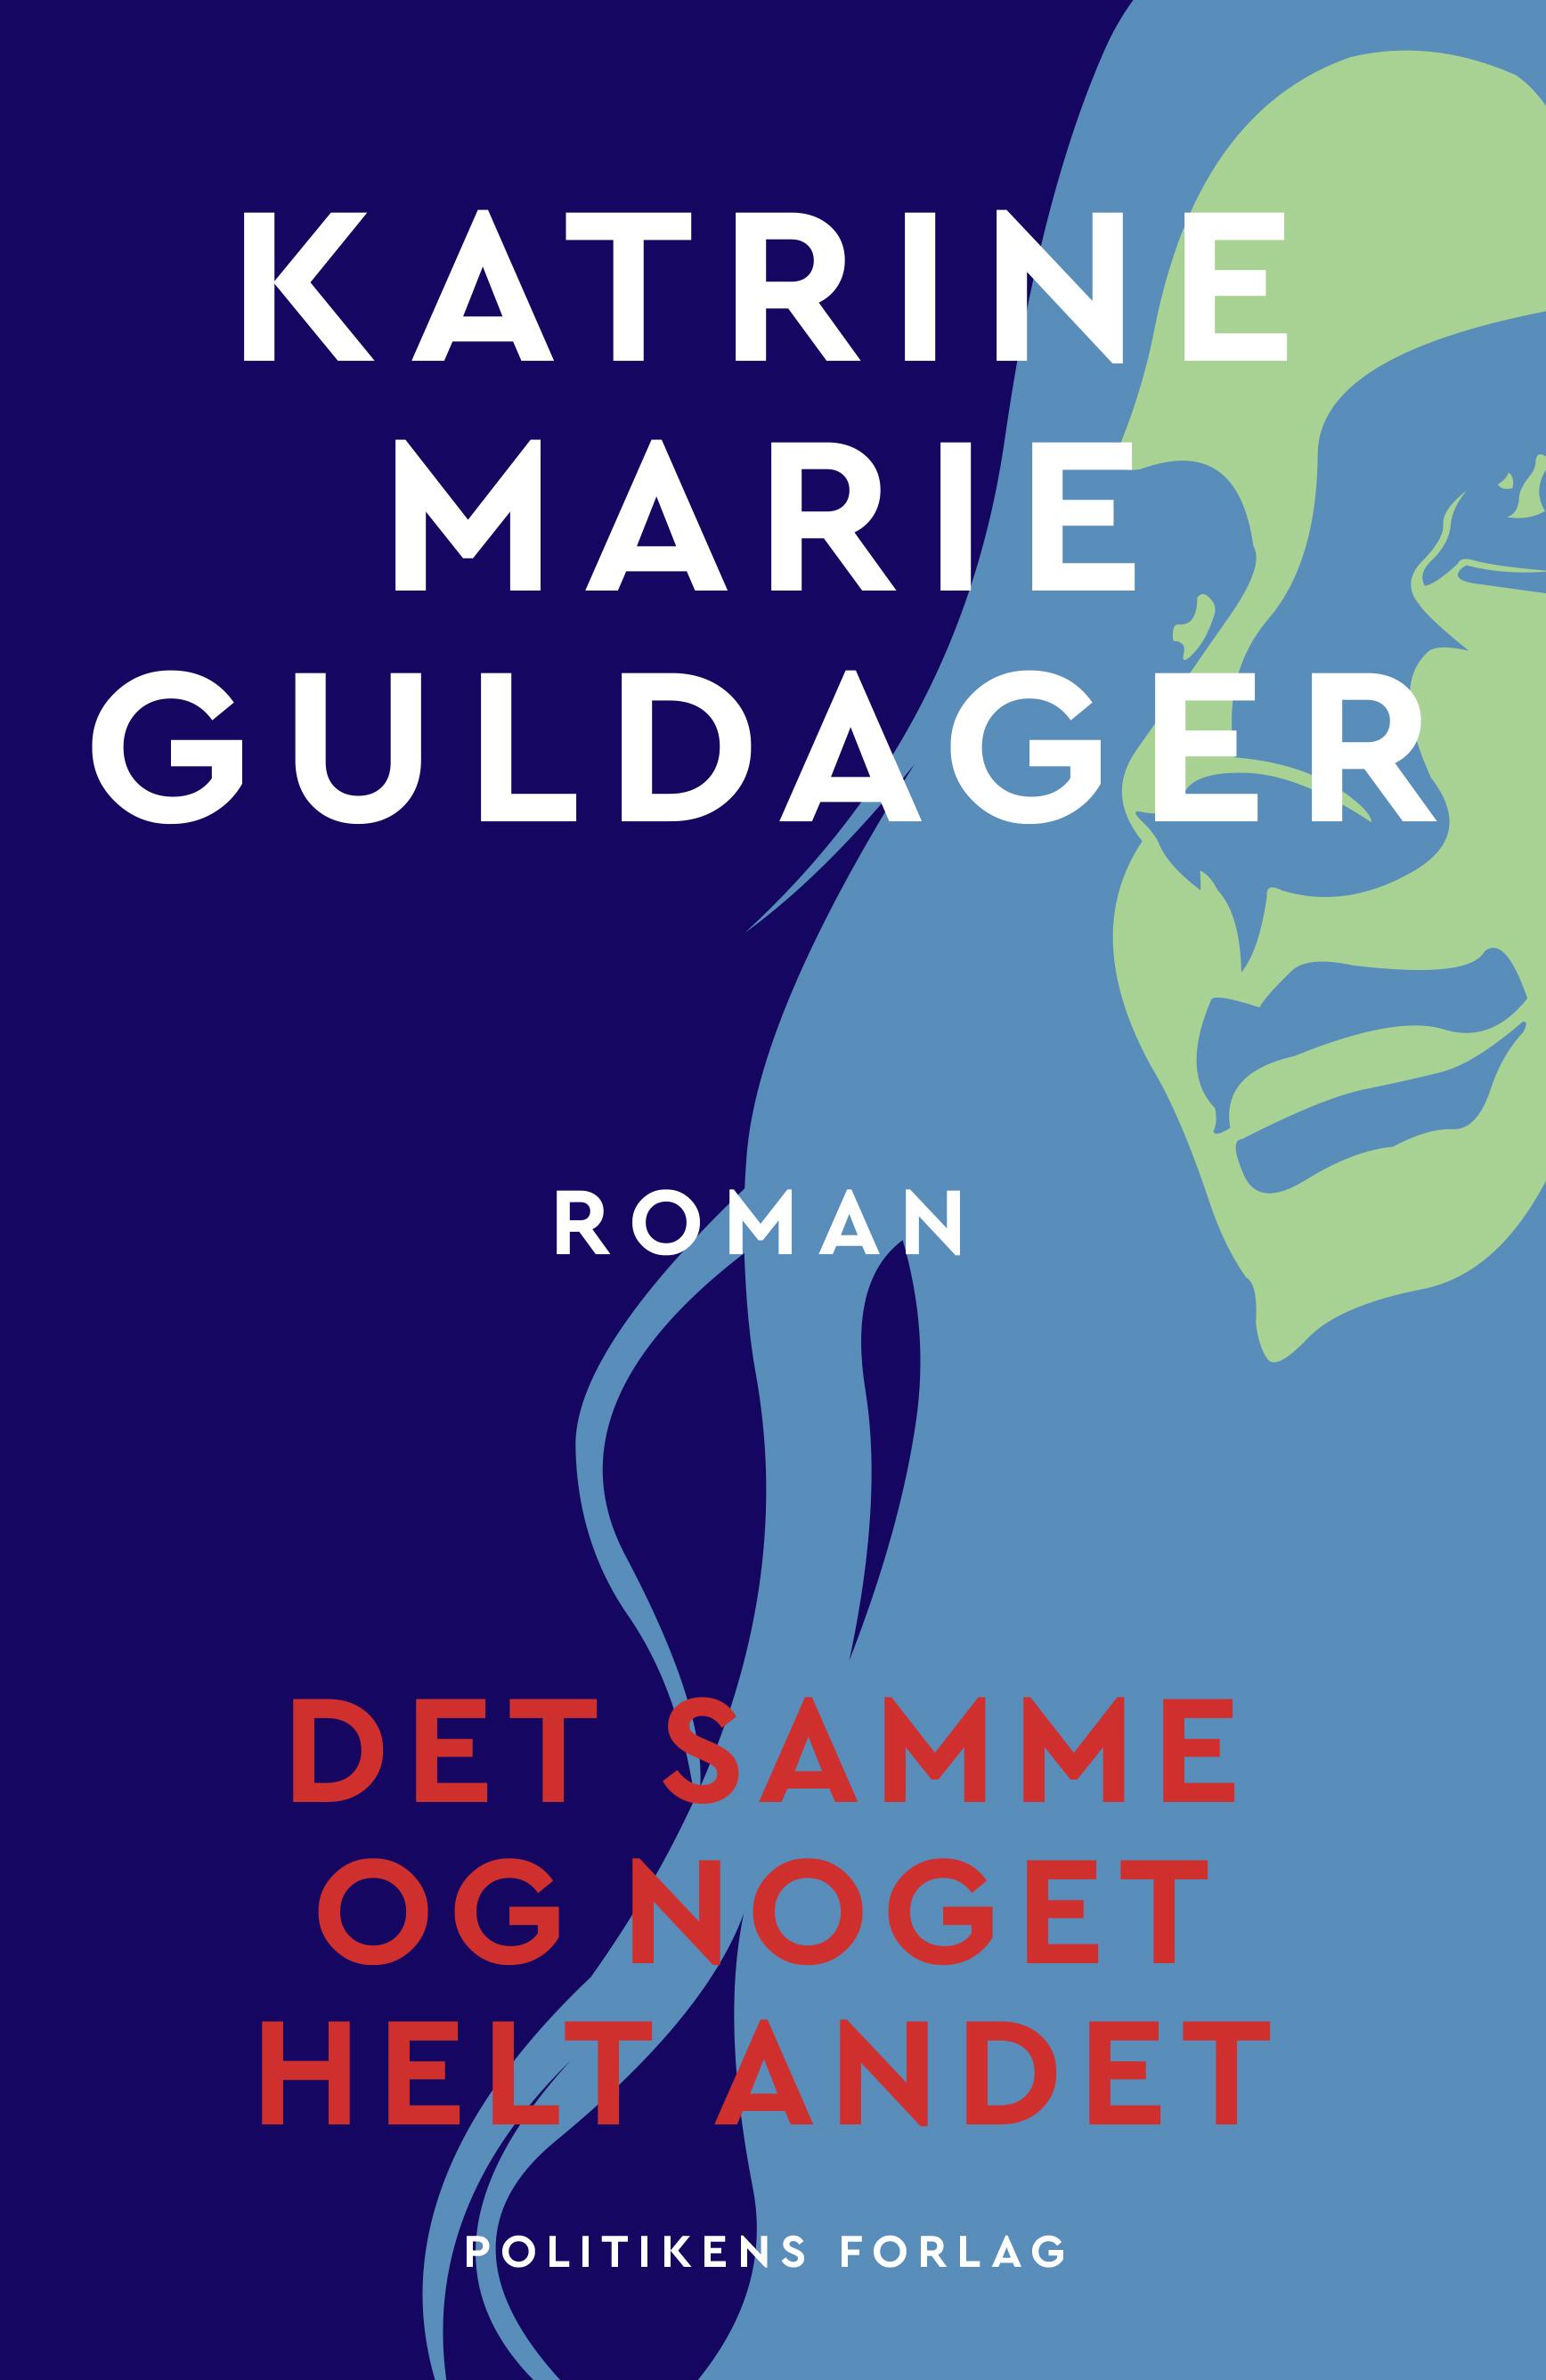 Det samme og noget helt andet - Katrine Marie Guldager - Bøger - Politikens Forlag - 9788740064667 - January 4, 2021